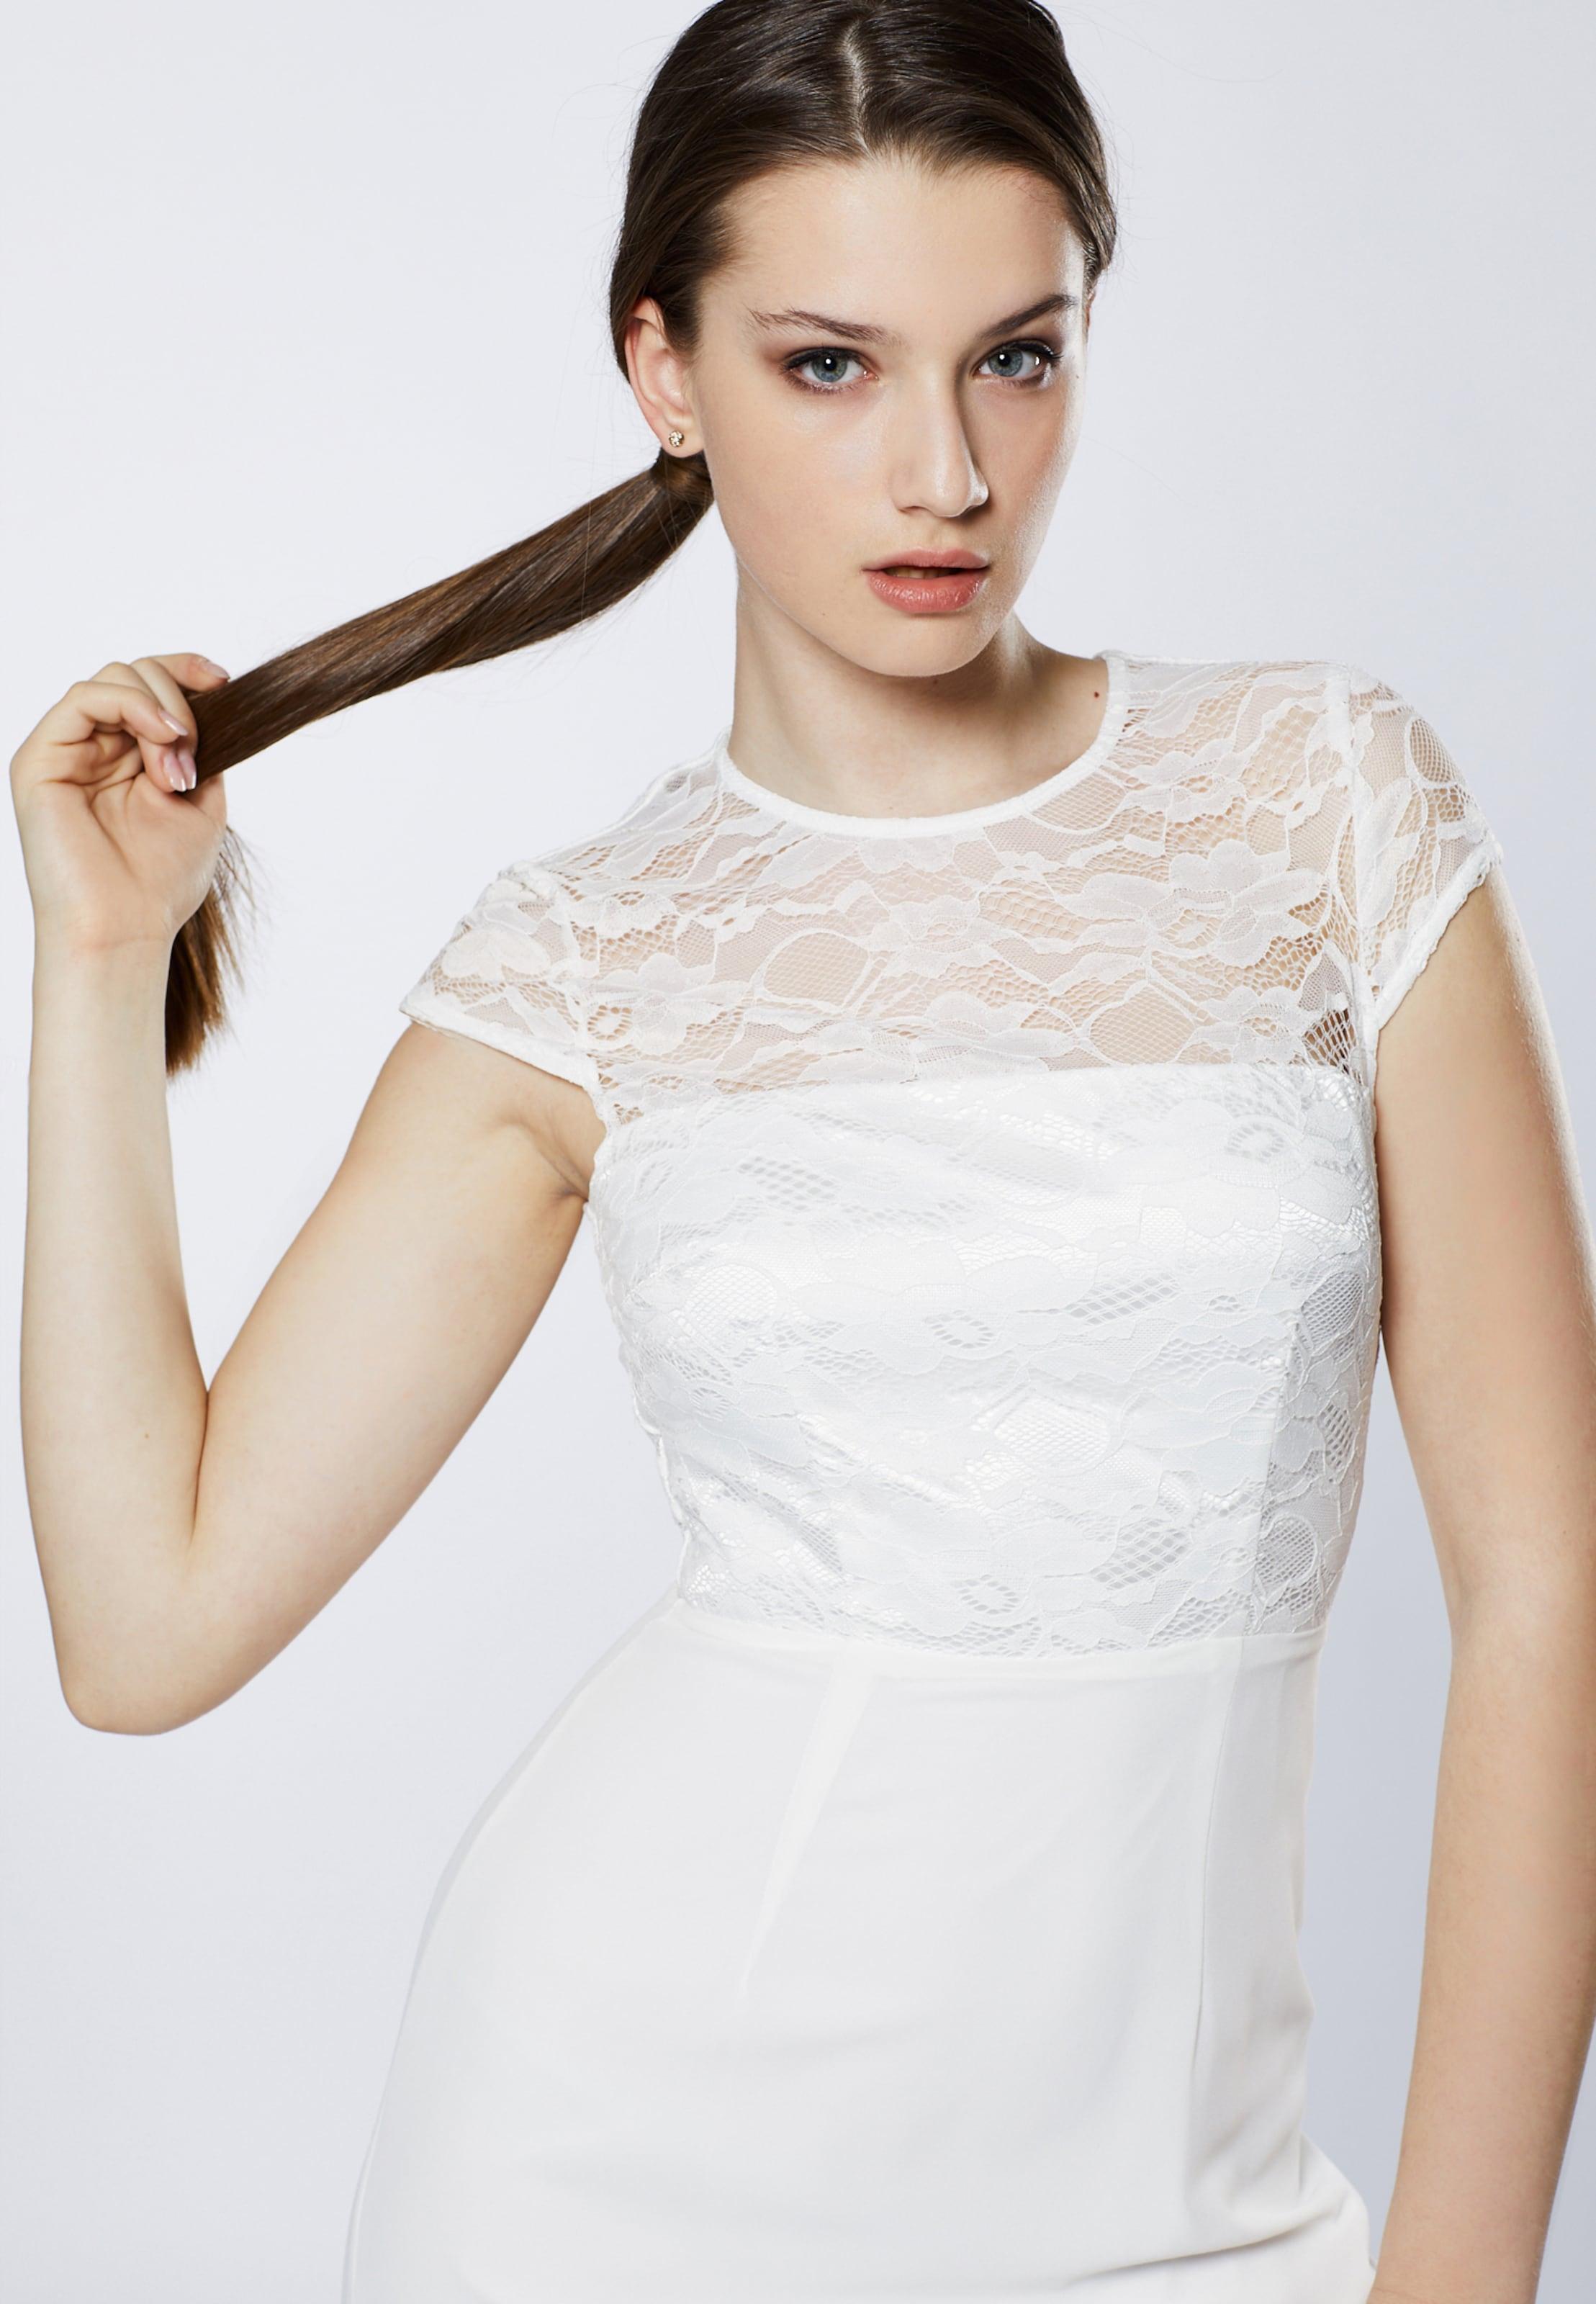 Robe De Blanc Young Soirée Barbara Schwarzer By En Couture 9I2EYWDH